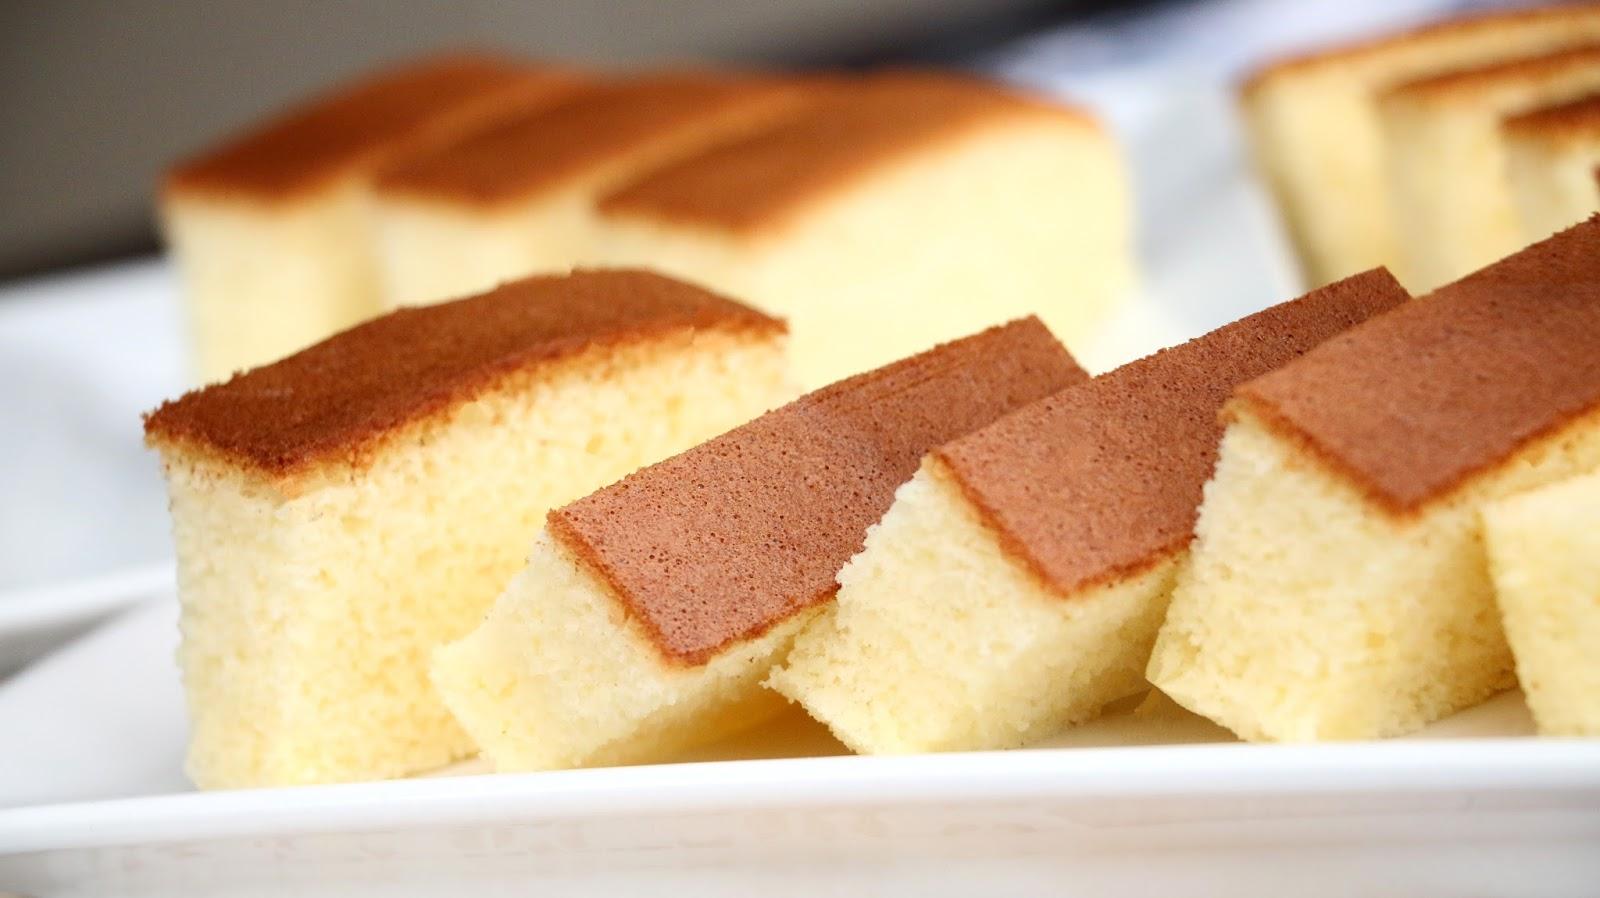 Josephine39s Recipes How To Make Cotton Soft Sponge Cake